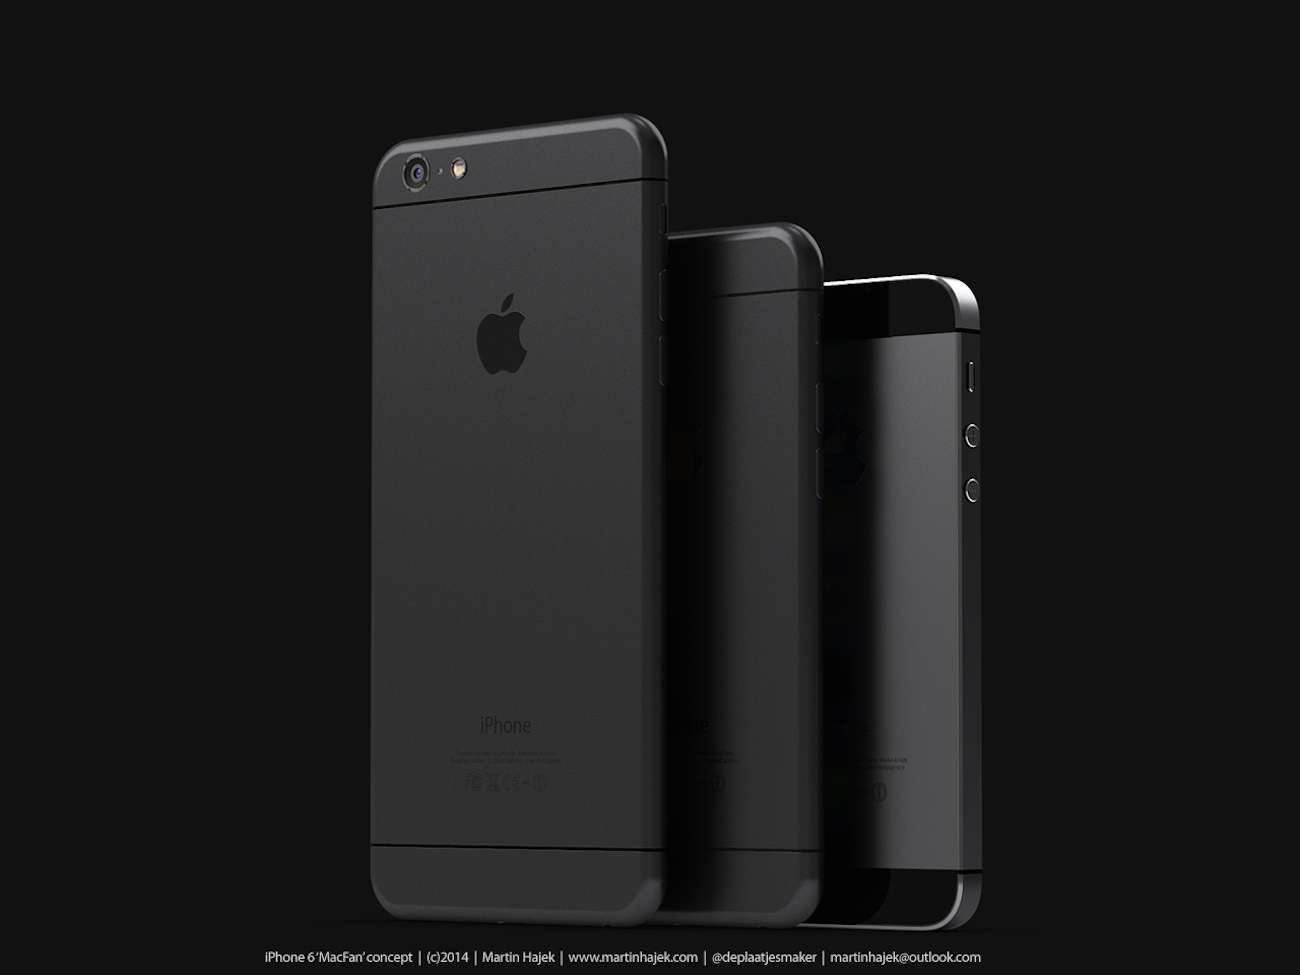 iPhone 6 i bardzo interesujący koncept Martina Hajek'a ciekawostki Zdjęcia iPhone 6, Wizja, Nowy iPhone 6, koncept, jak będzie wyglądał nowy iPhone 6, iPhone6, iPhone Air, iPhone 6, iPhone, Apple  Pamiętacie jak kilka dni temu umieściliśmy na stronie zdjęcia rzekomej obudowy nowego iPhone'a 6? iP611